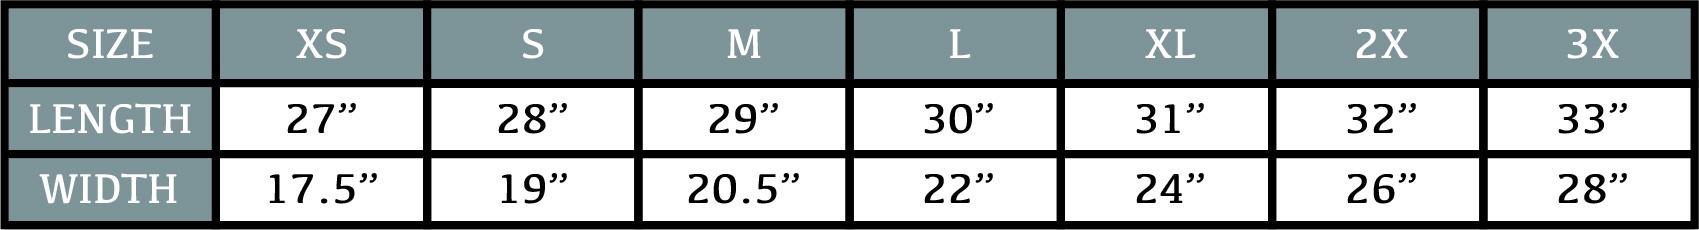 NL CVC SS Tee Size Chart.jpg